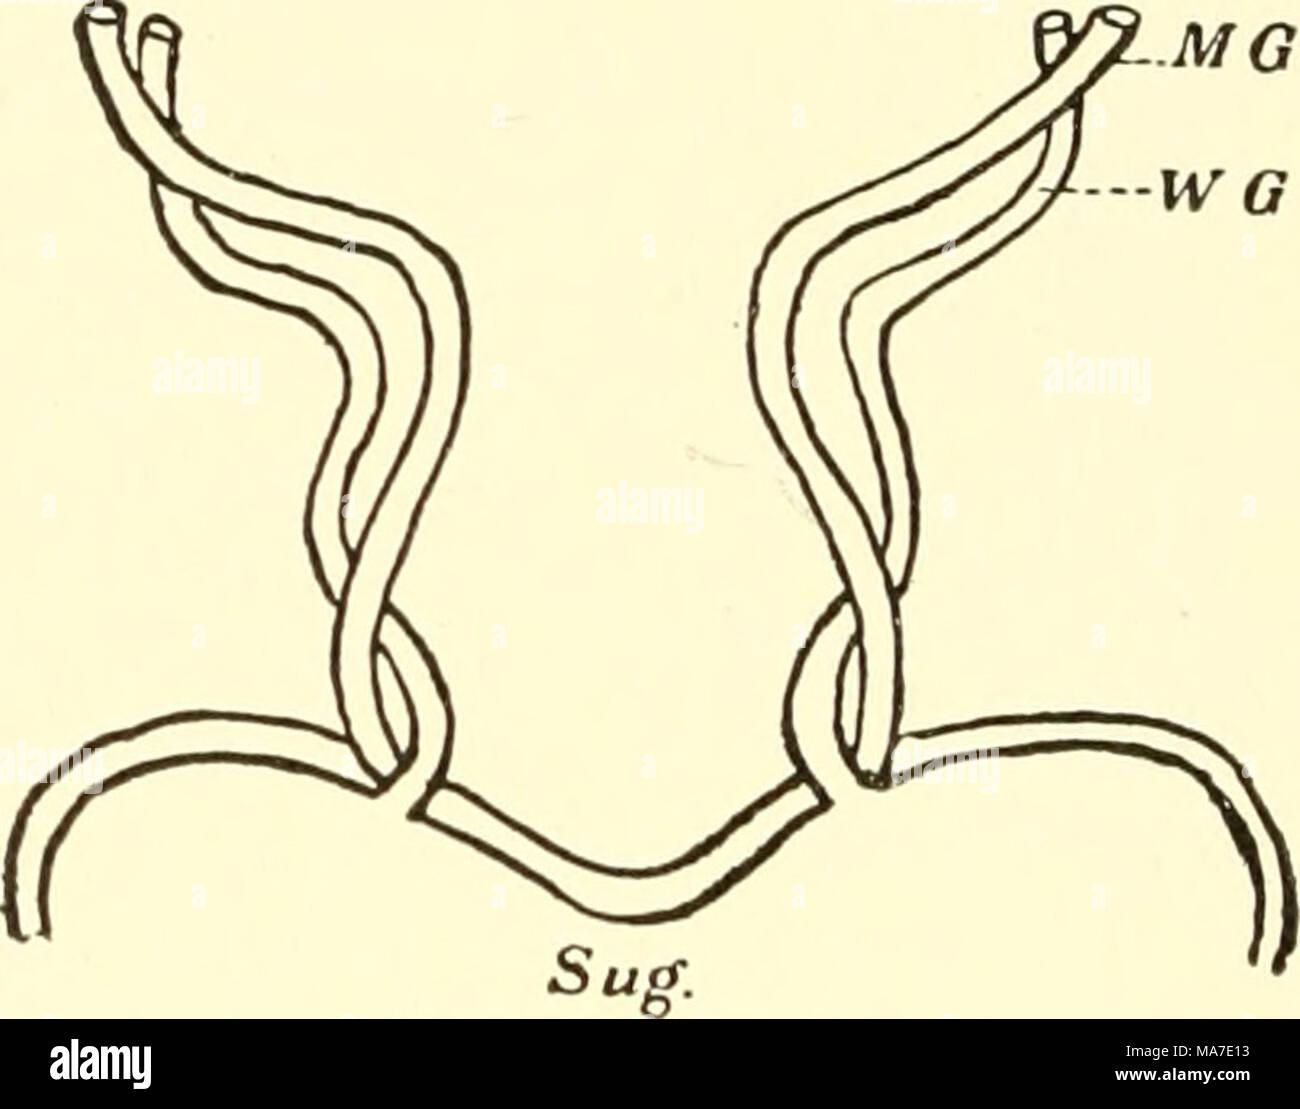 Berühmt Vergleichende Anatomie Definition Zeitgenössisch - Anatomie ...